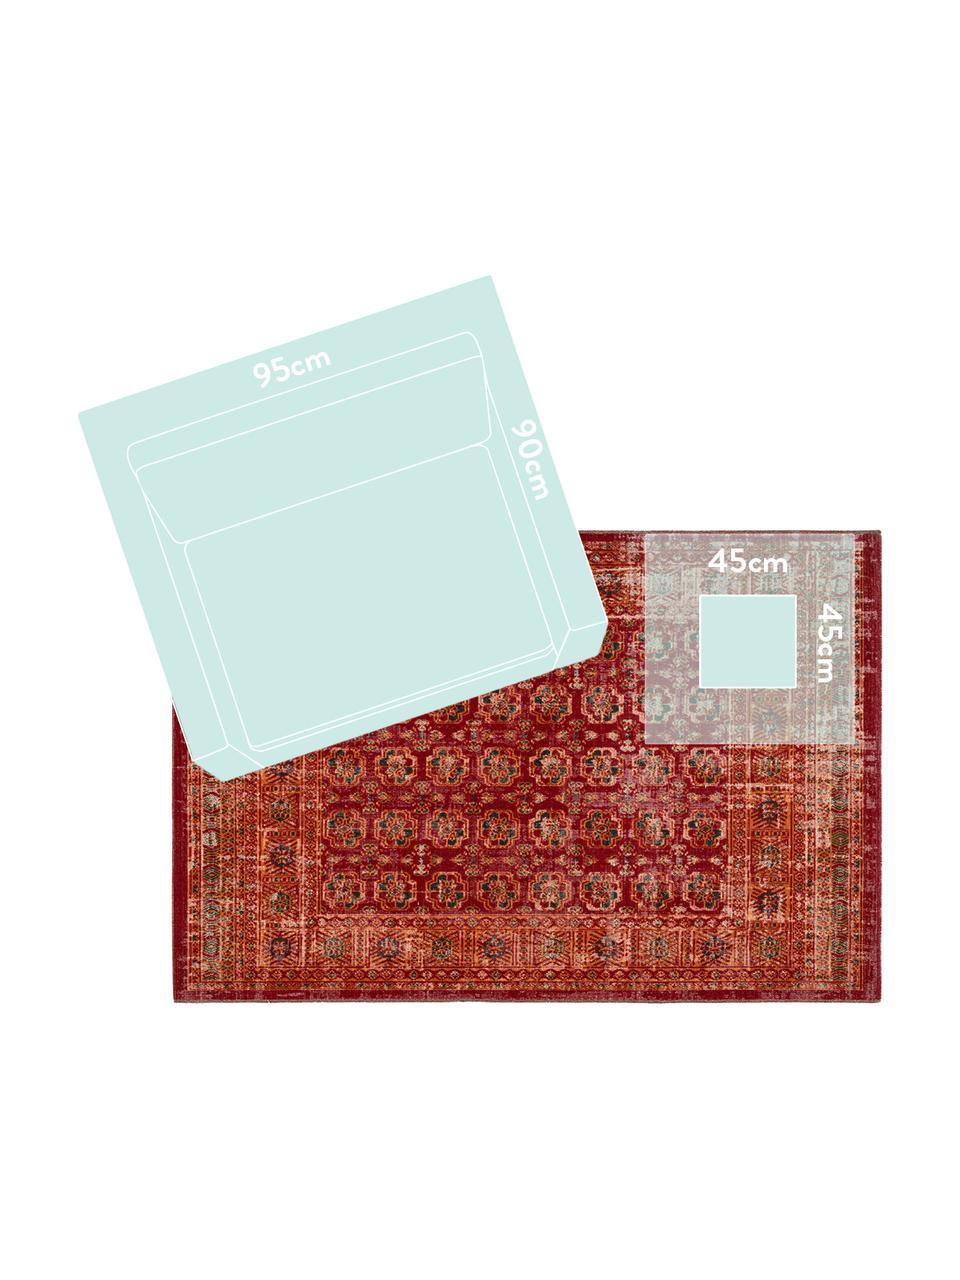 Tappeto orientale rosso/arancione da interno-esterno My Tilas, 100% polipropilene, Rosso, arancione, antracite, Larg. 80 x Lung. 150 cm (taglia XS)